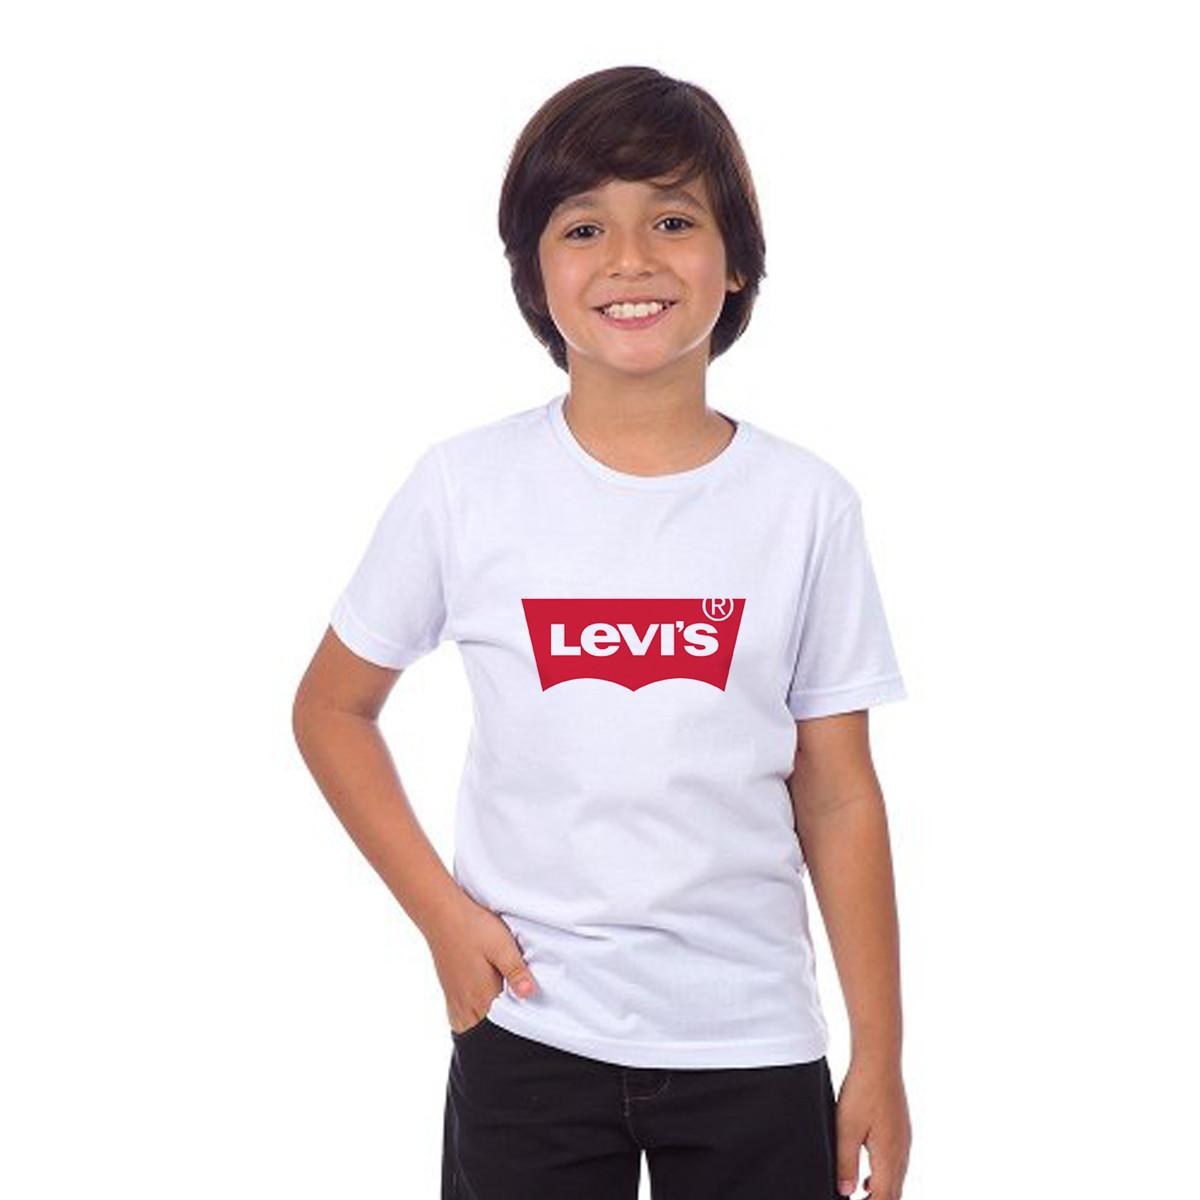 a9245b3af3617 Camisa Camiseta Infantil Levis no Elo7